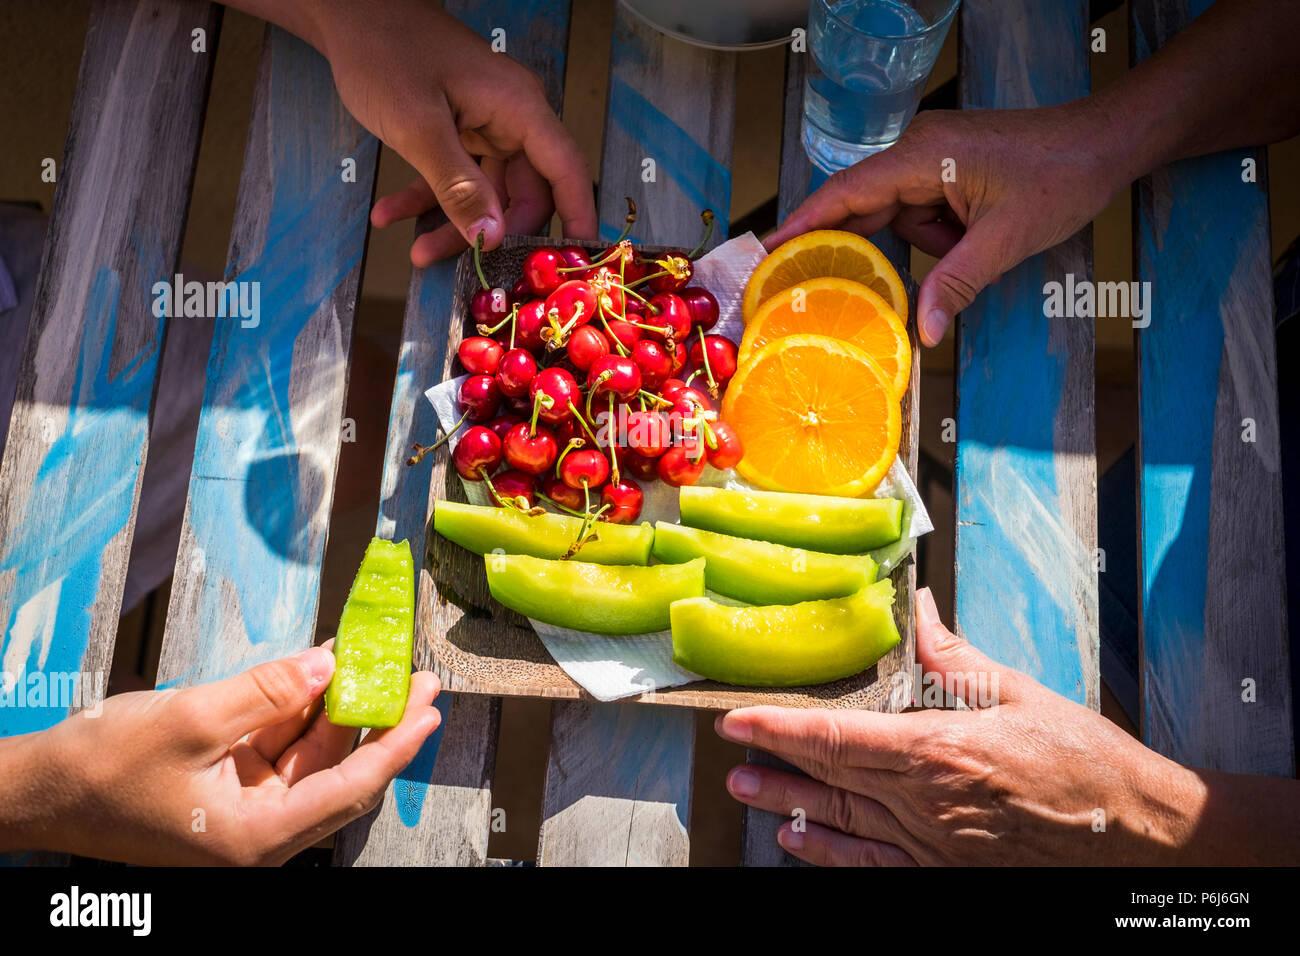 Nahaufnahme von Jungen und Alten Hasen von Großmutter und Teenager Neffe essen einige frische Früchte der Saison auf dem Holz Tisch. healhty Lebensstil in der Familie Stockbild